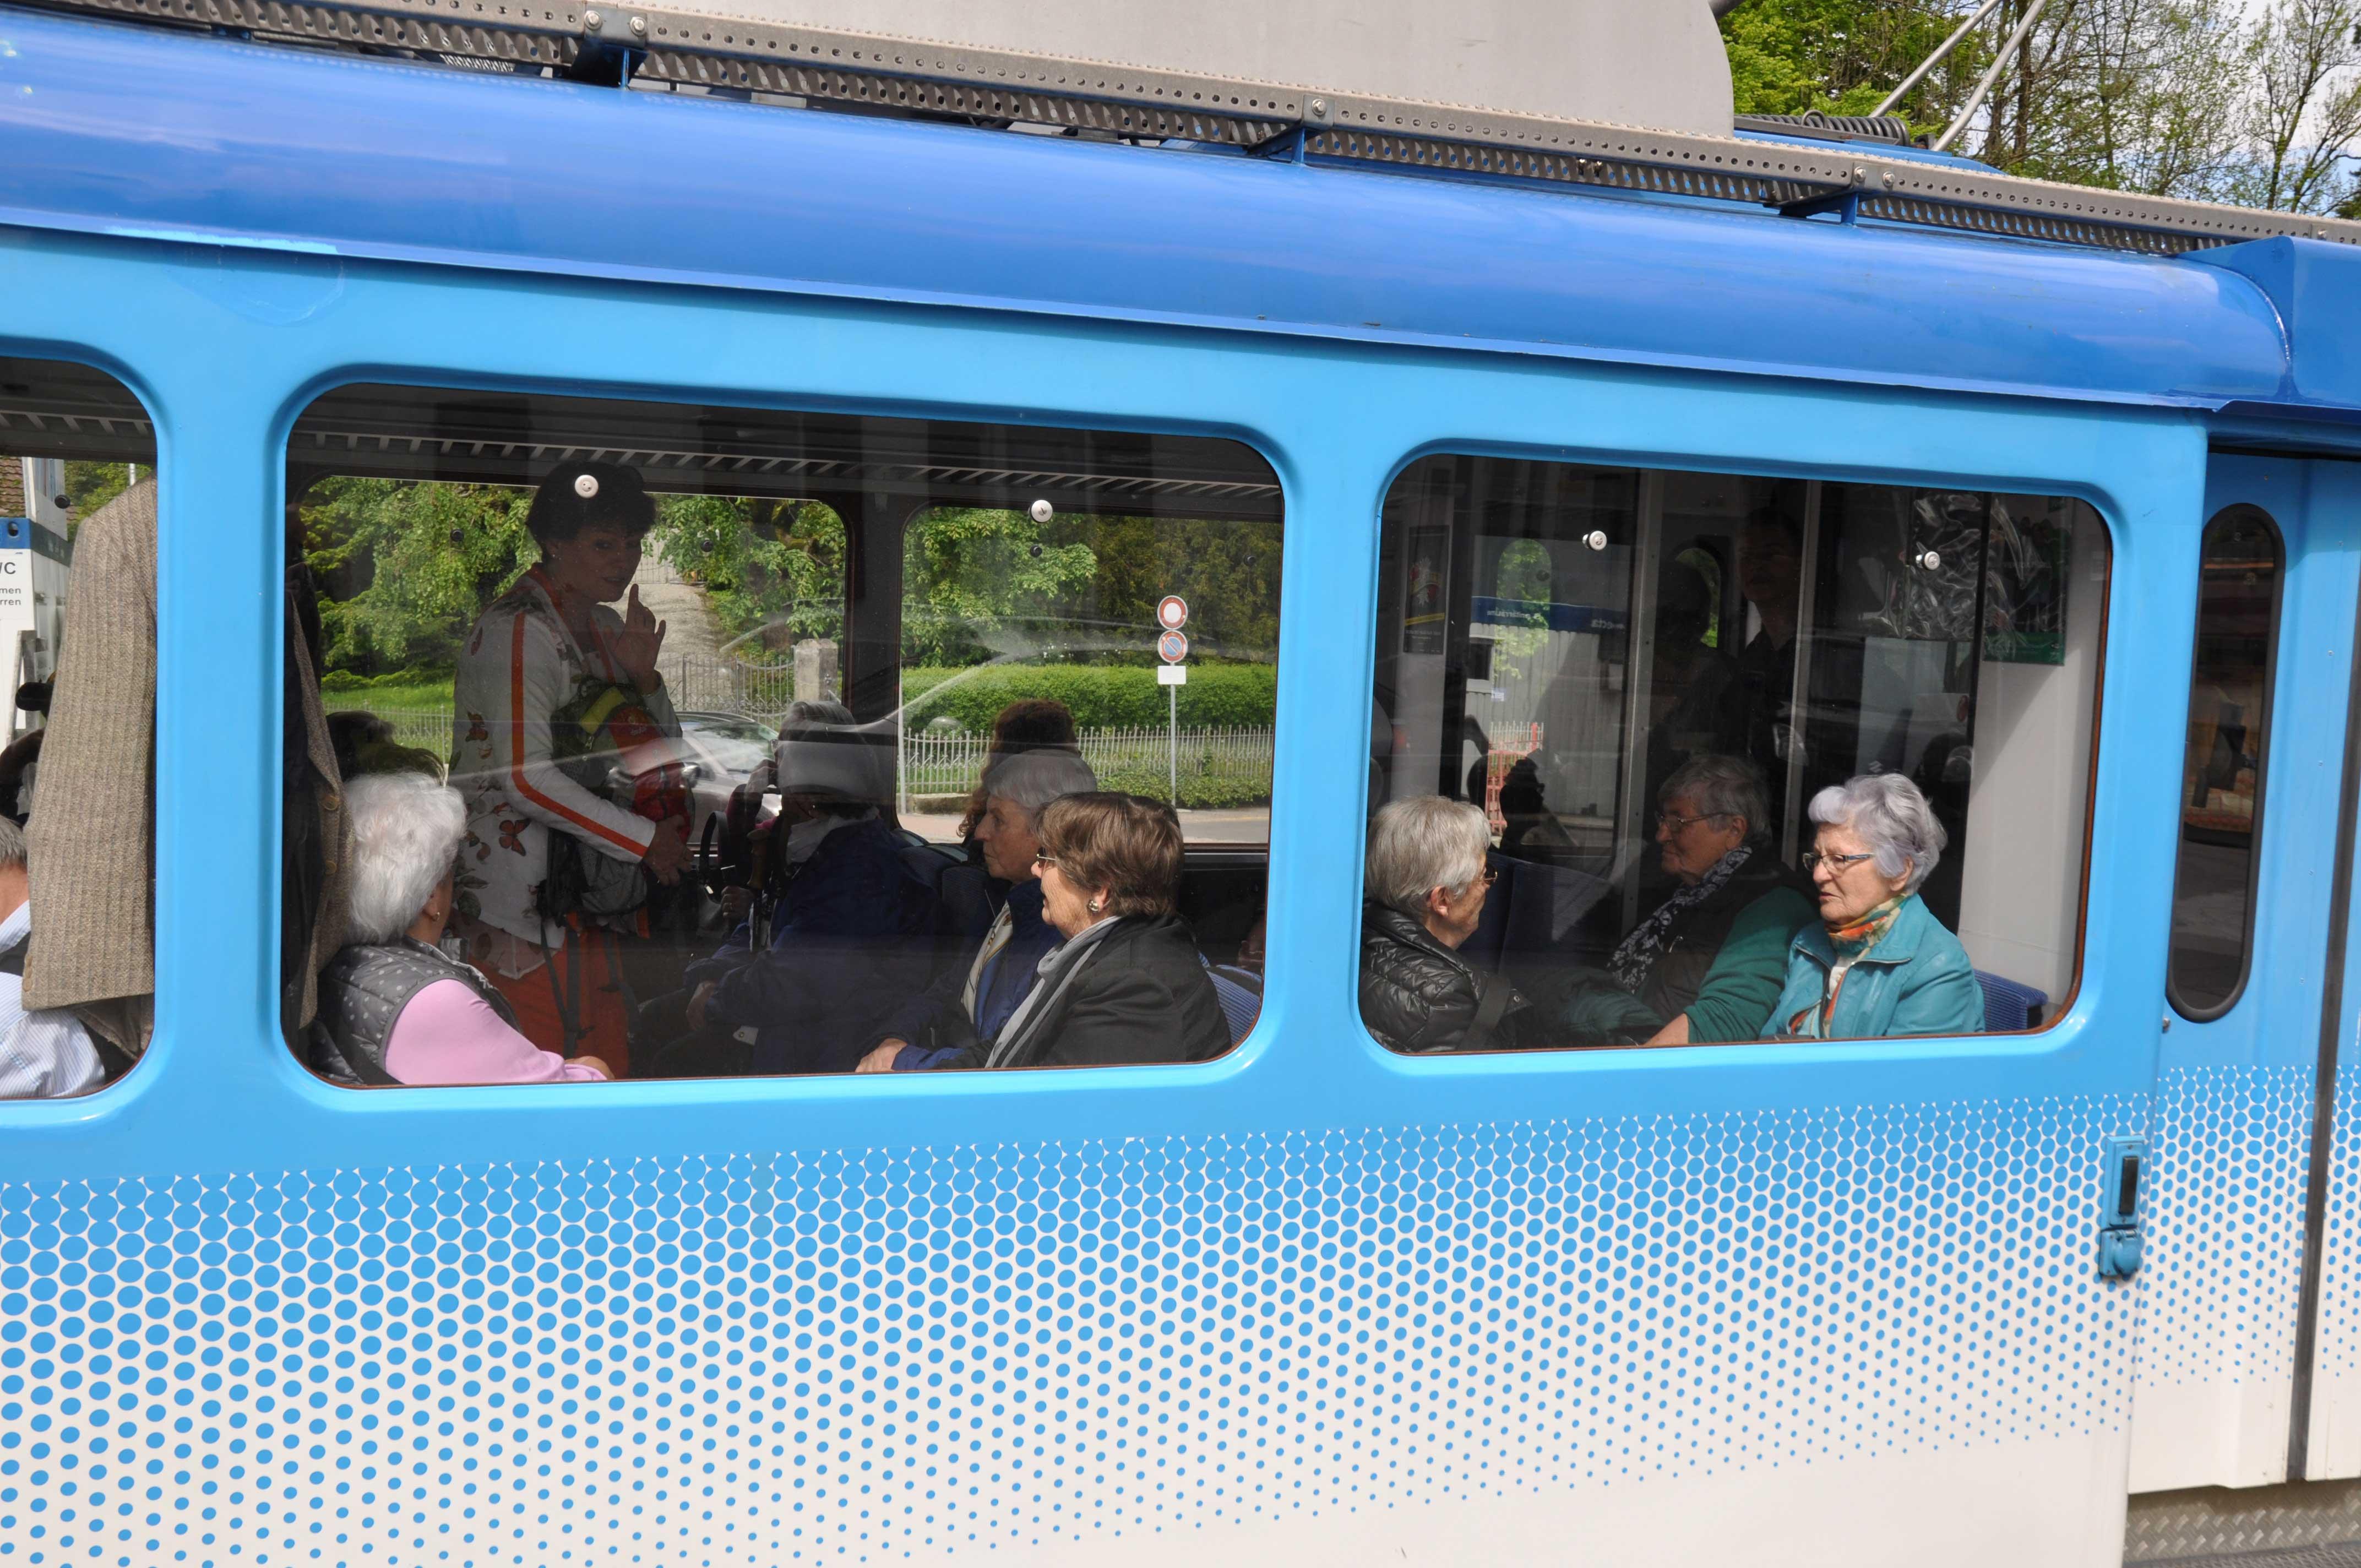 Senioren-Muttertag: Informationen zum Tag in Zahnradbahn